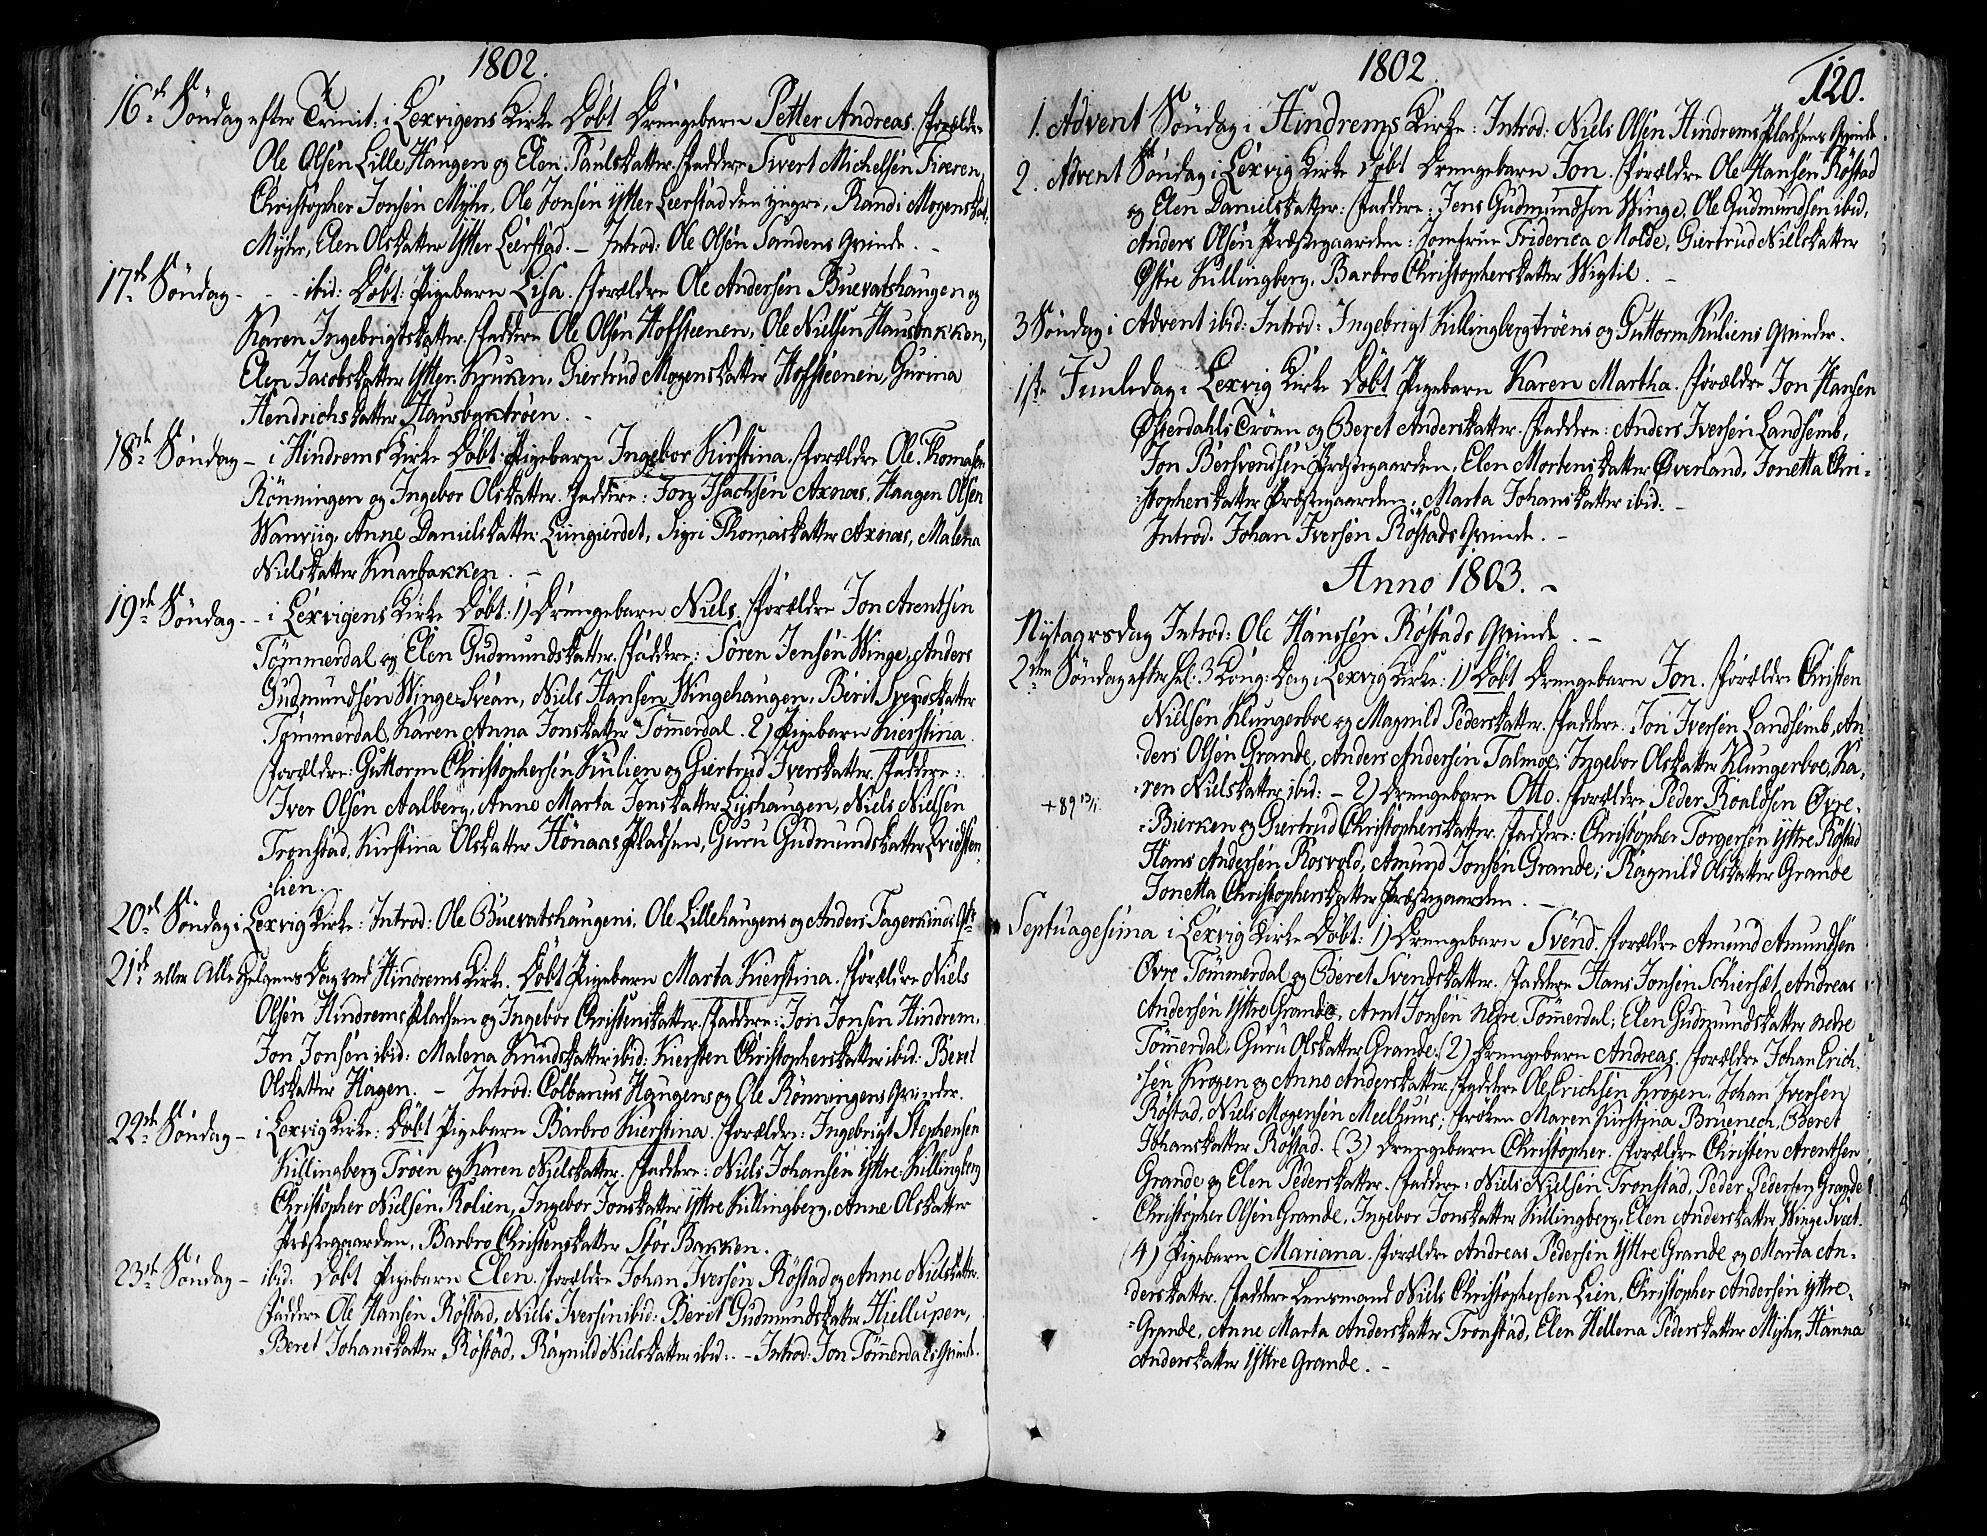 SAT, Ministerialprotokoller, klokkerbøker og fødselsregistre - Nord-Trøndelag, 701/L0004: Ministerialbok nr. 701A04, 1783-1816, s. 120